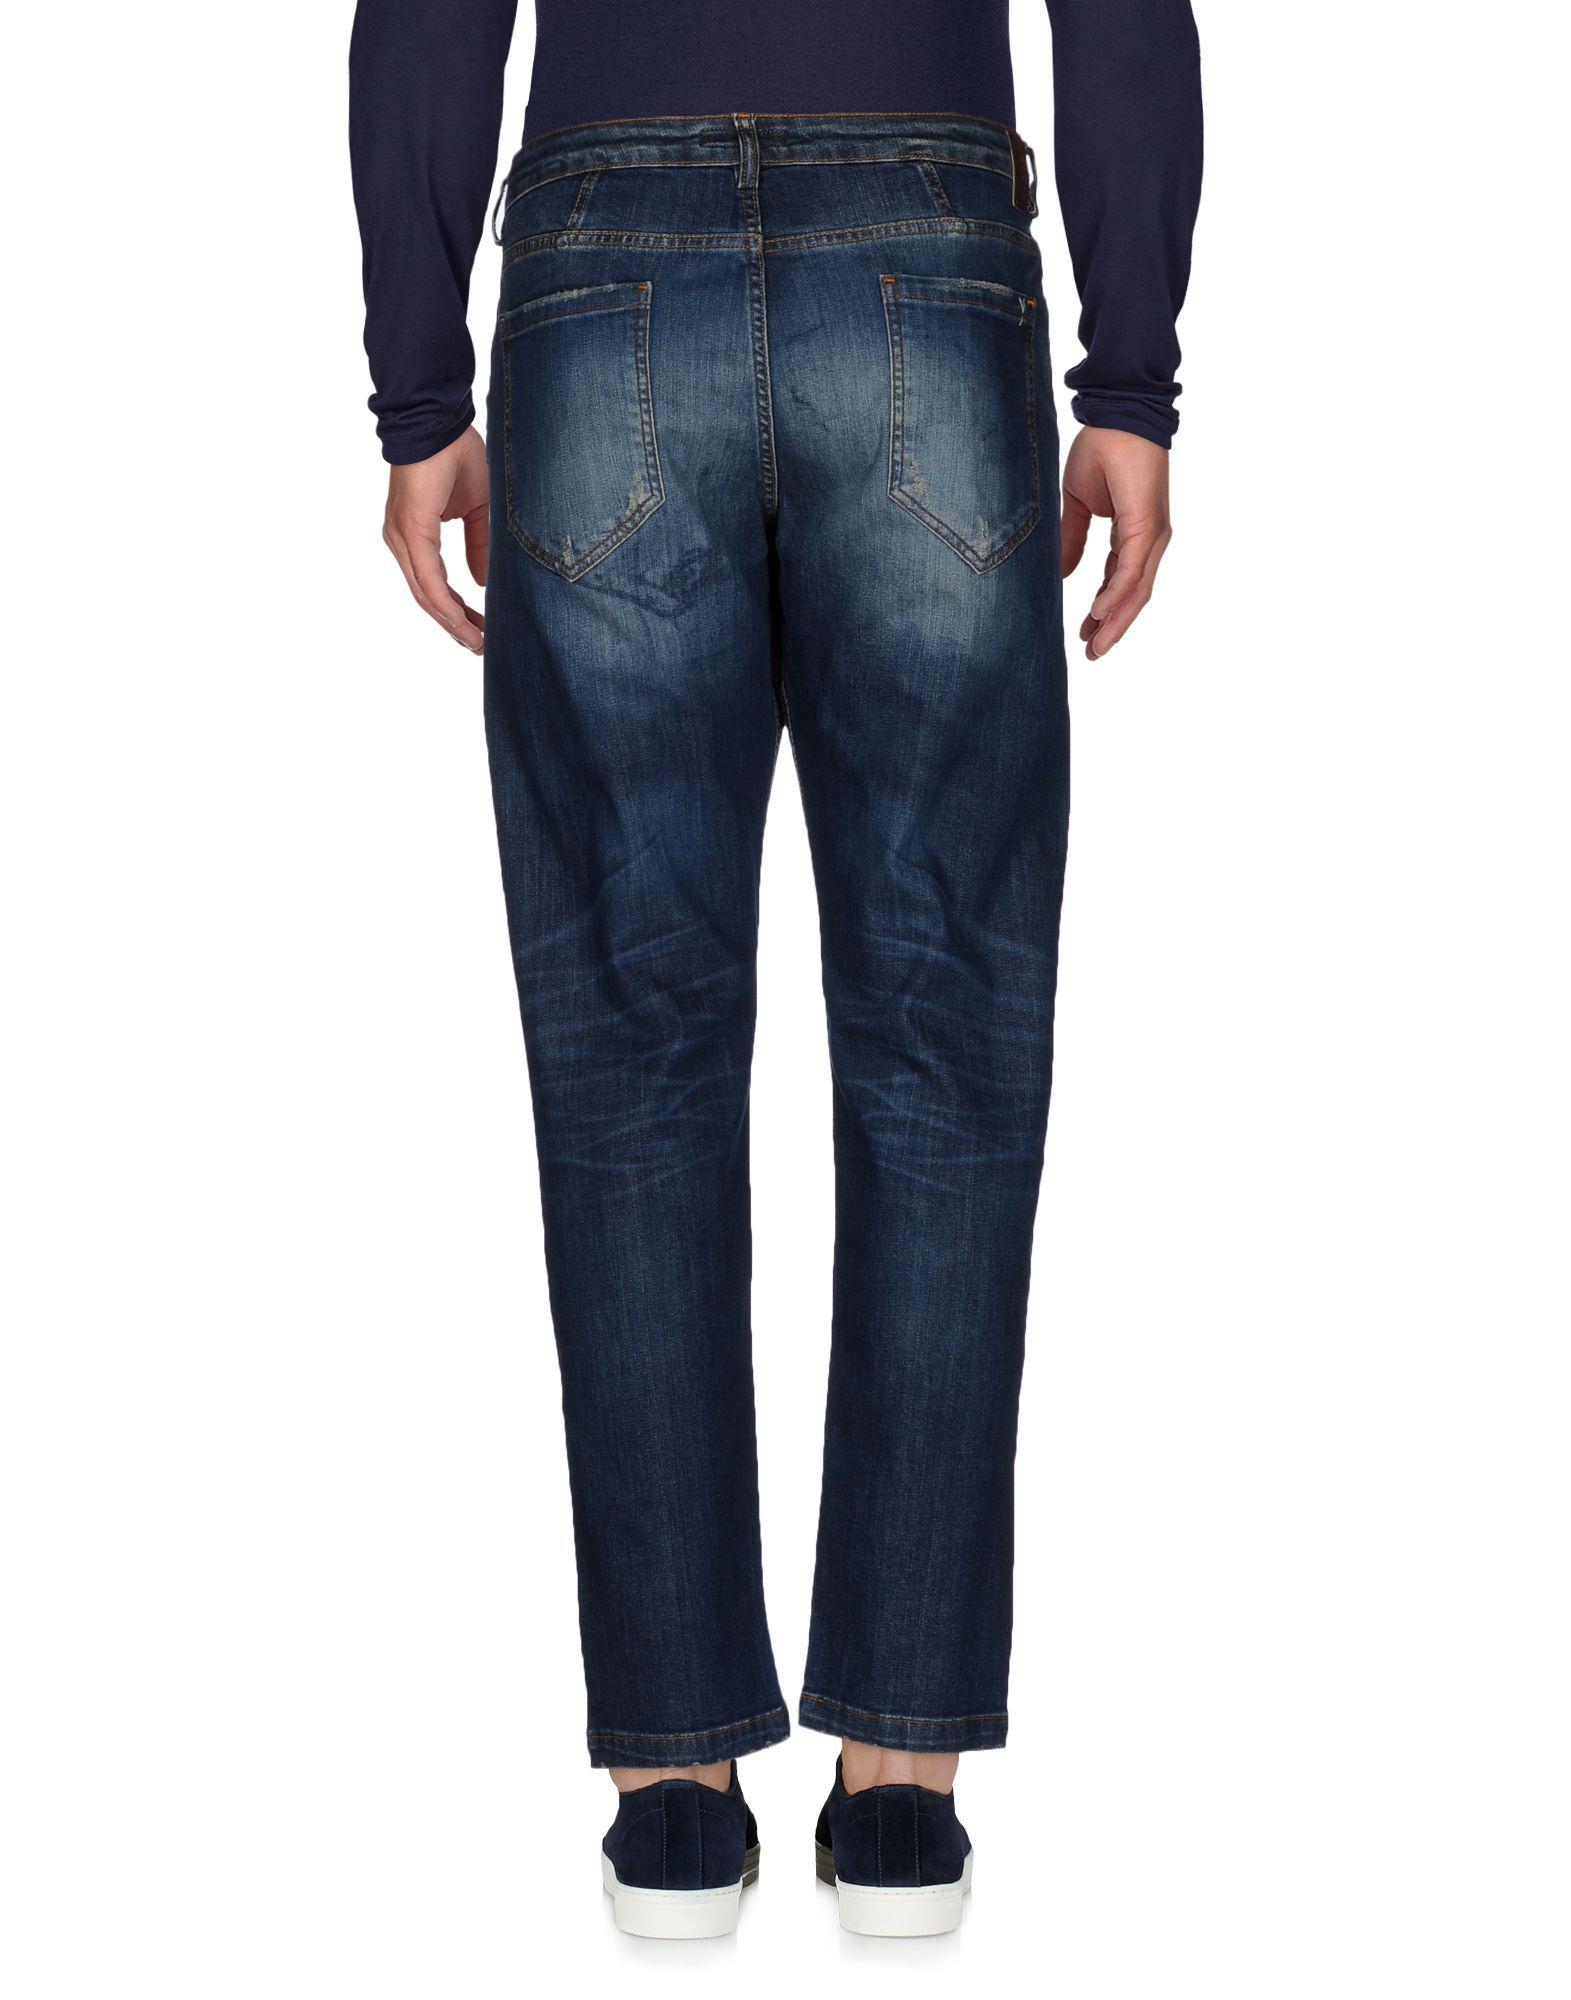 Denim - Pantalon En Denim Yan Simmon tHb1p2q